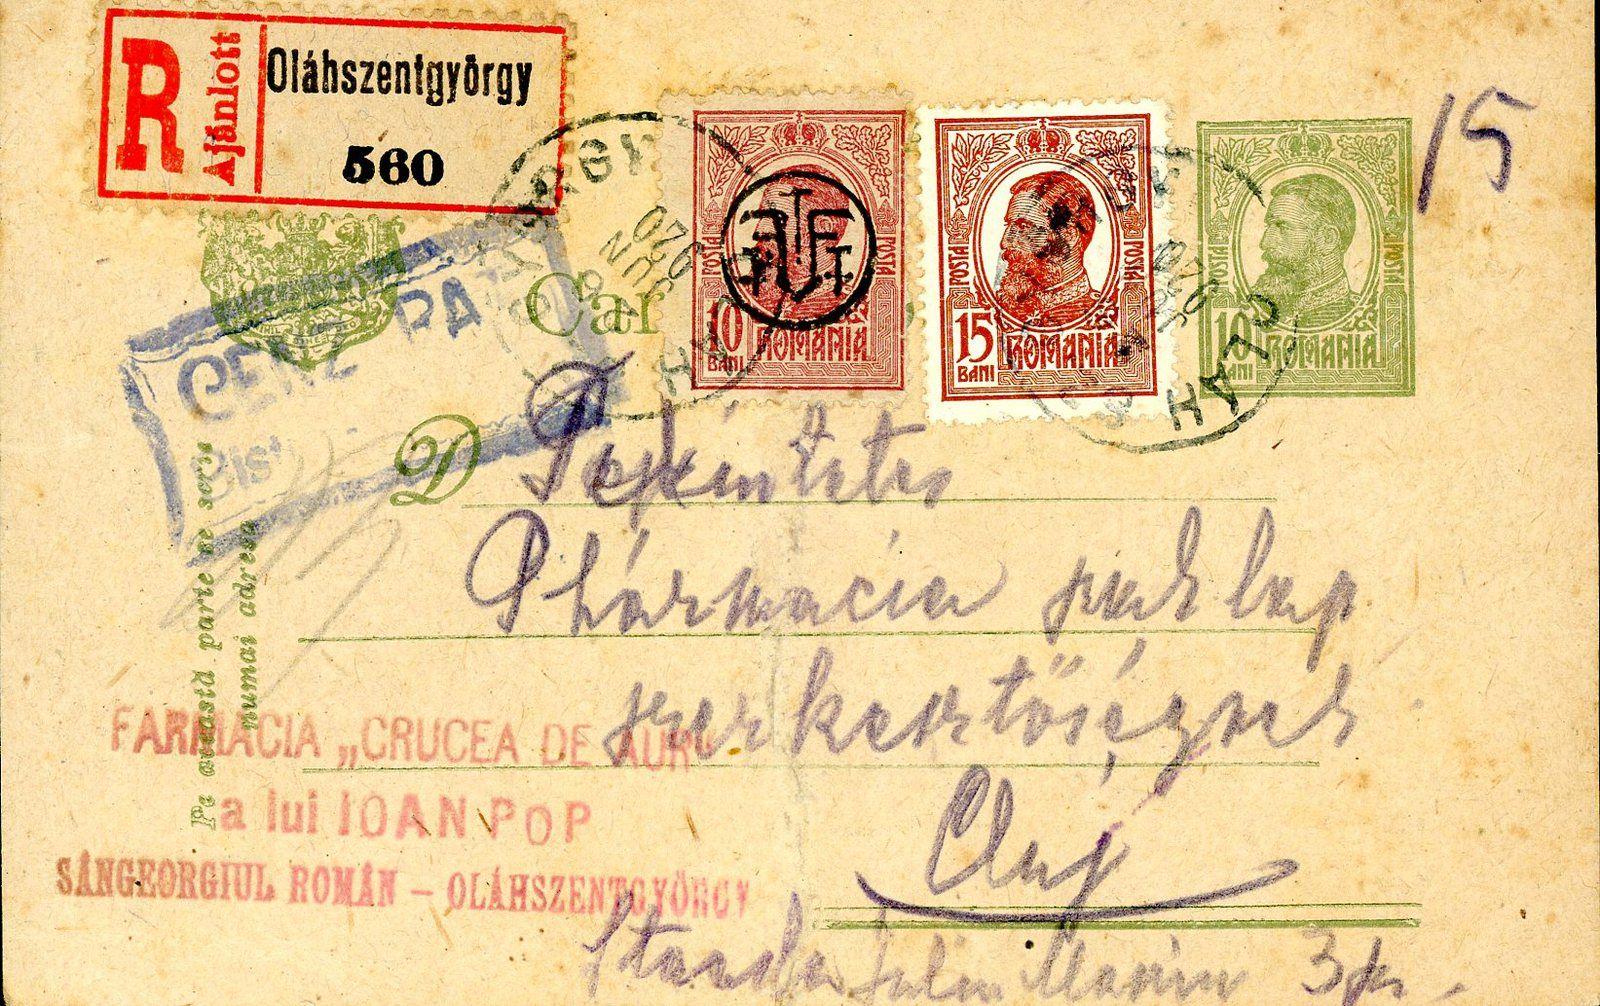 Fig.28: Carte postale récommandée de Sângiorz Băi (Oláhszentgyörgy) à Cluj du 26.06.1920 timbres roumains, cachet de censure roumaine, CAD et étiquette de recommandation hongroise. Fig.29: Enveloppe récommandée de Cluj (Kolozsvár) à Bucarest, le 14.05.1920, CAD hongrois, timbres, étiquette de recommandation et cachet de censure roumains.